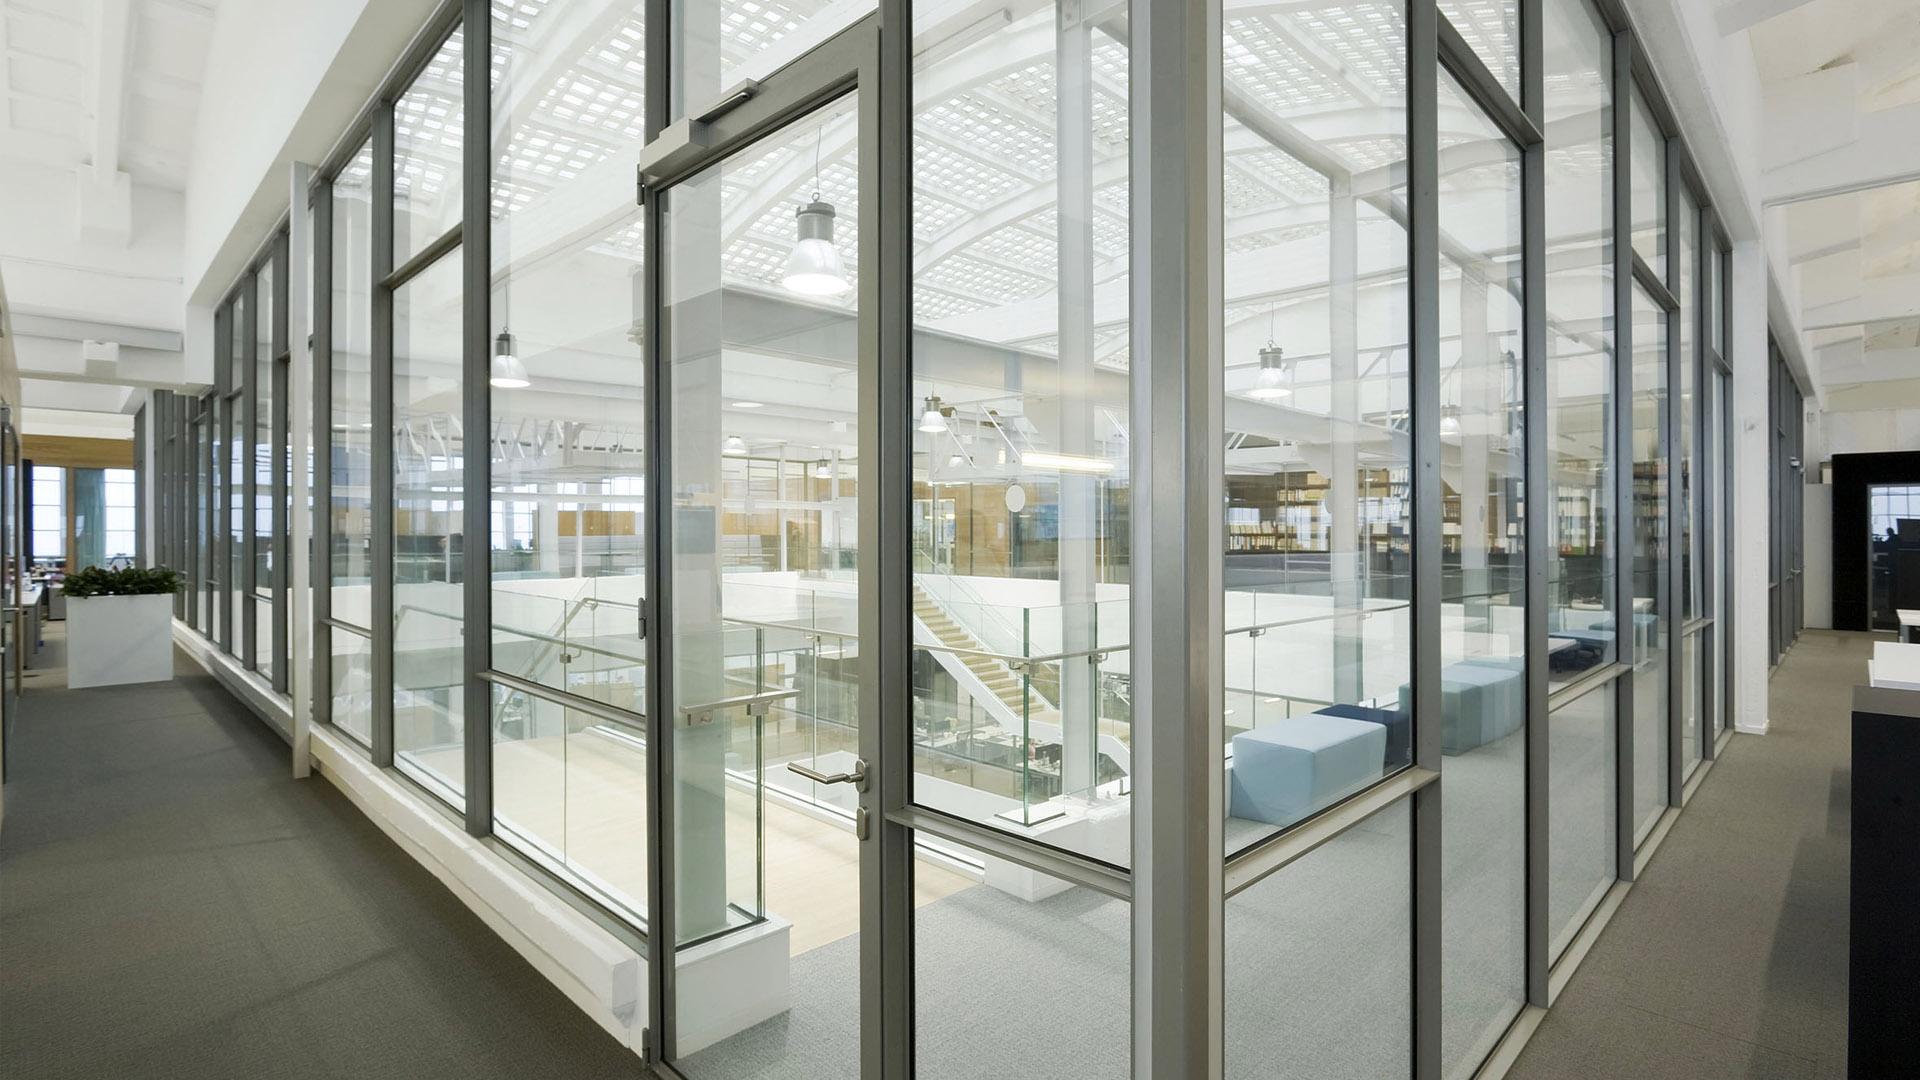 Steel glazed indoor windows